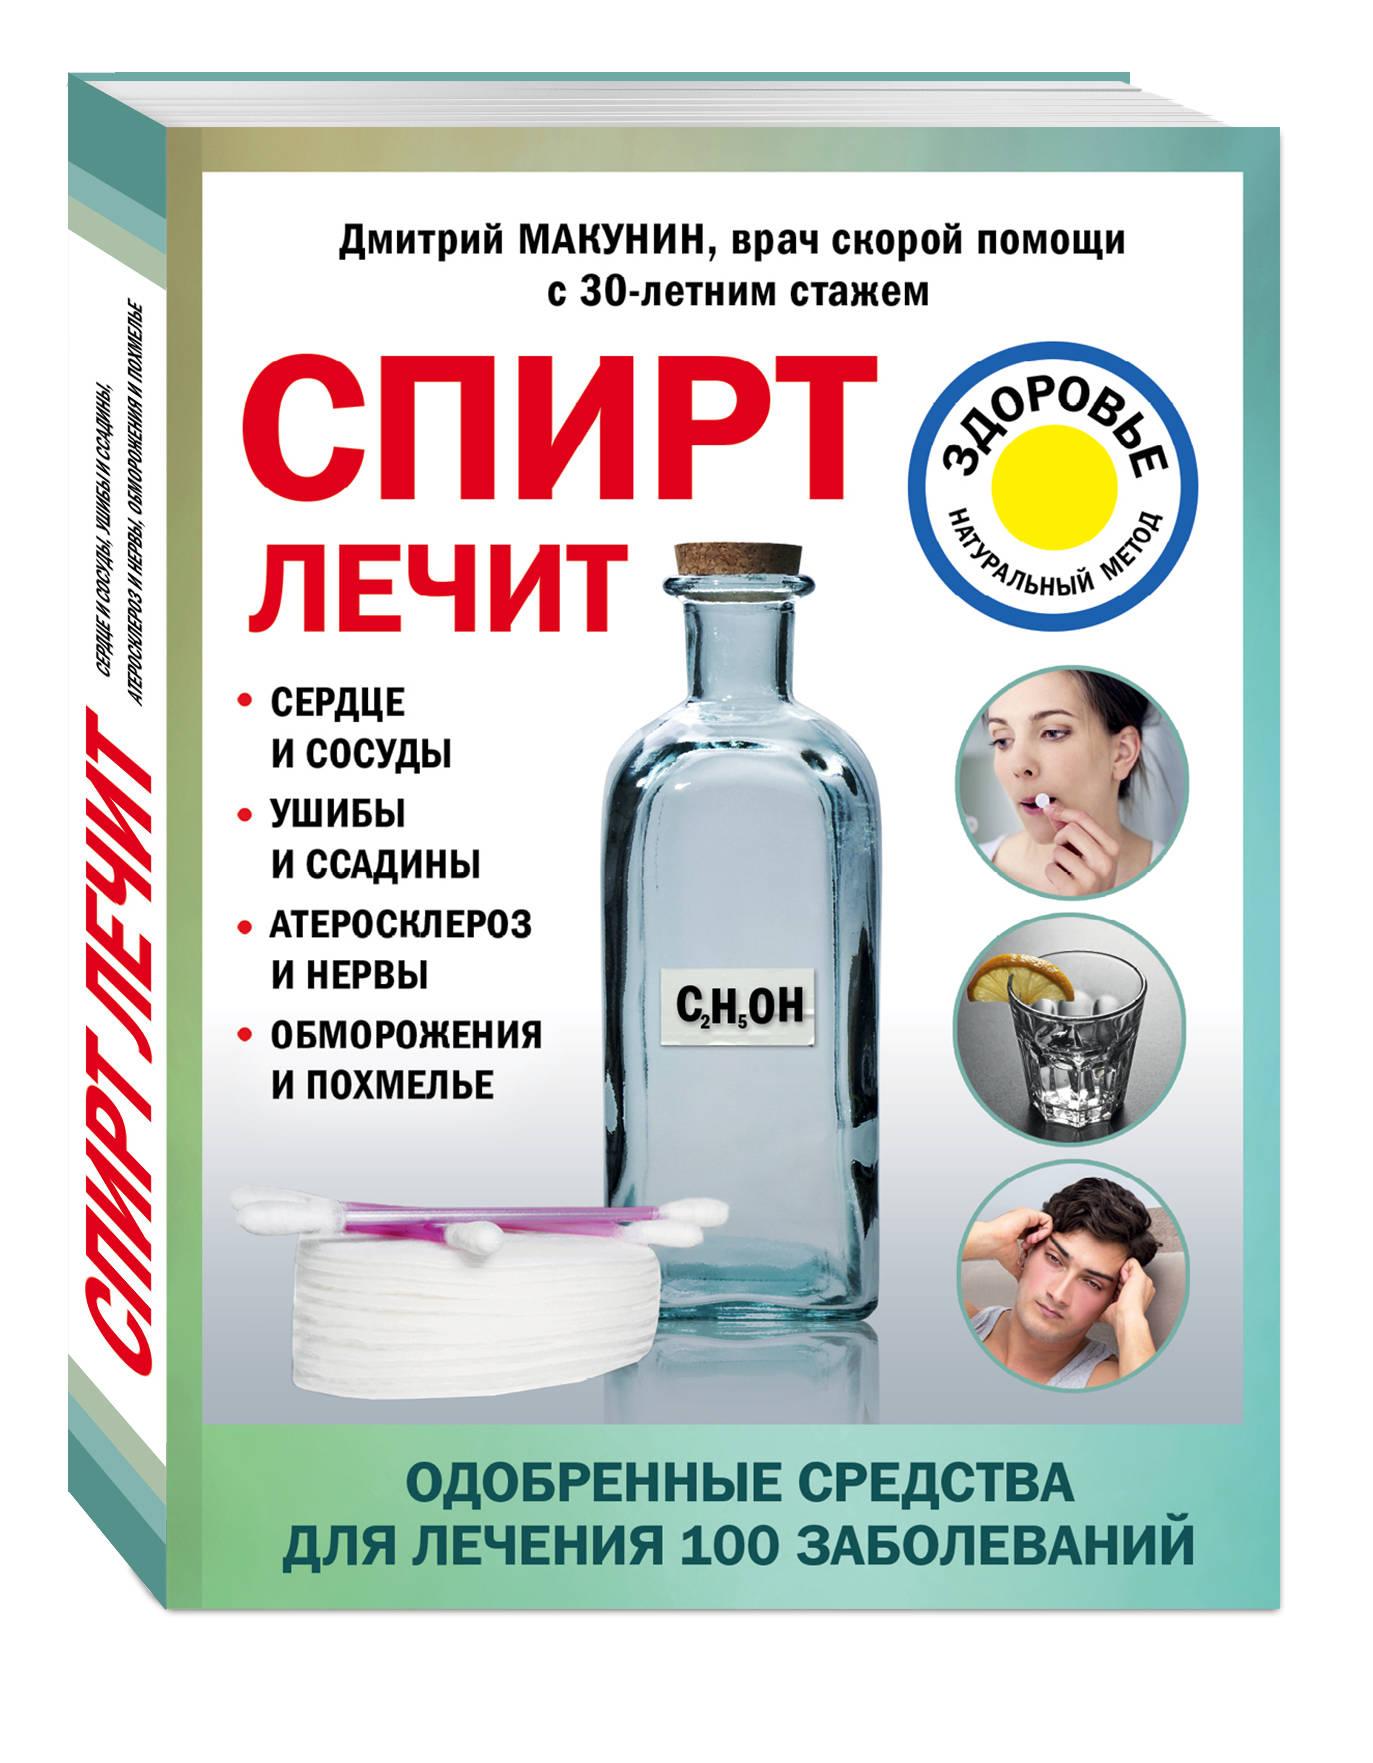 Макунин Д.А. Спирт лечит: сердце и сосуды, ушибы и ссадины, атеросклероз и нервы, обморожения и похмелье